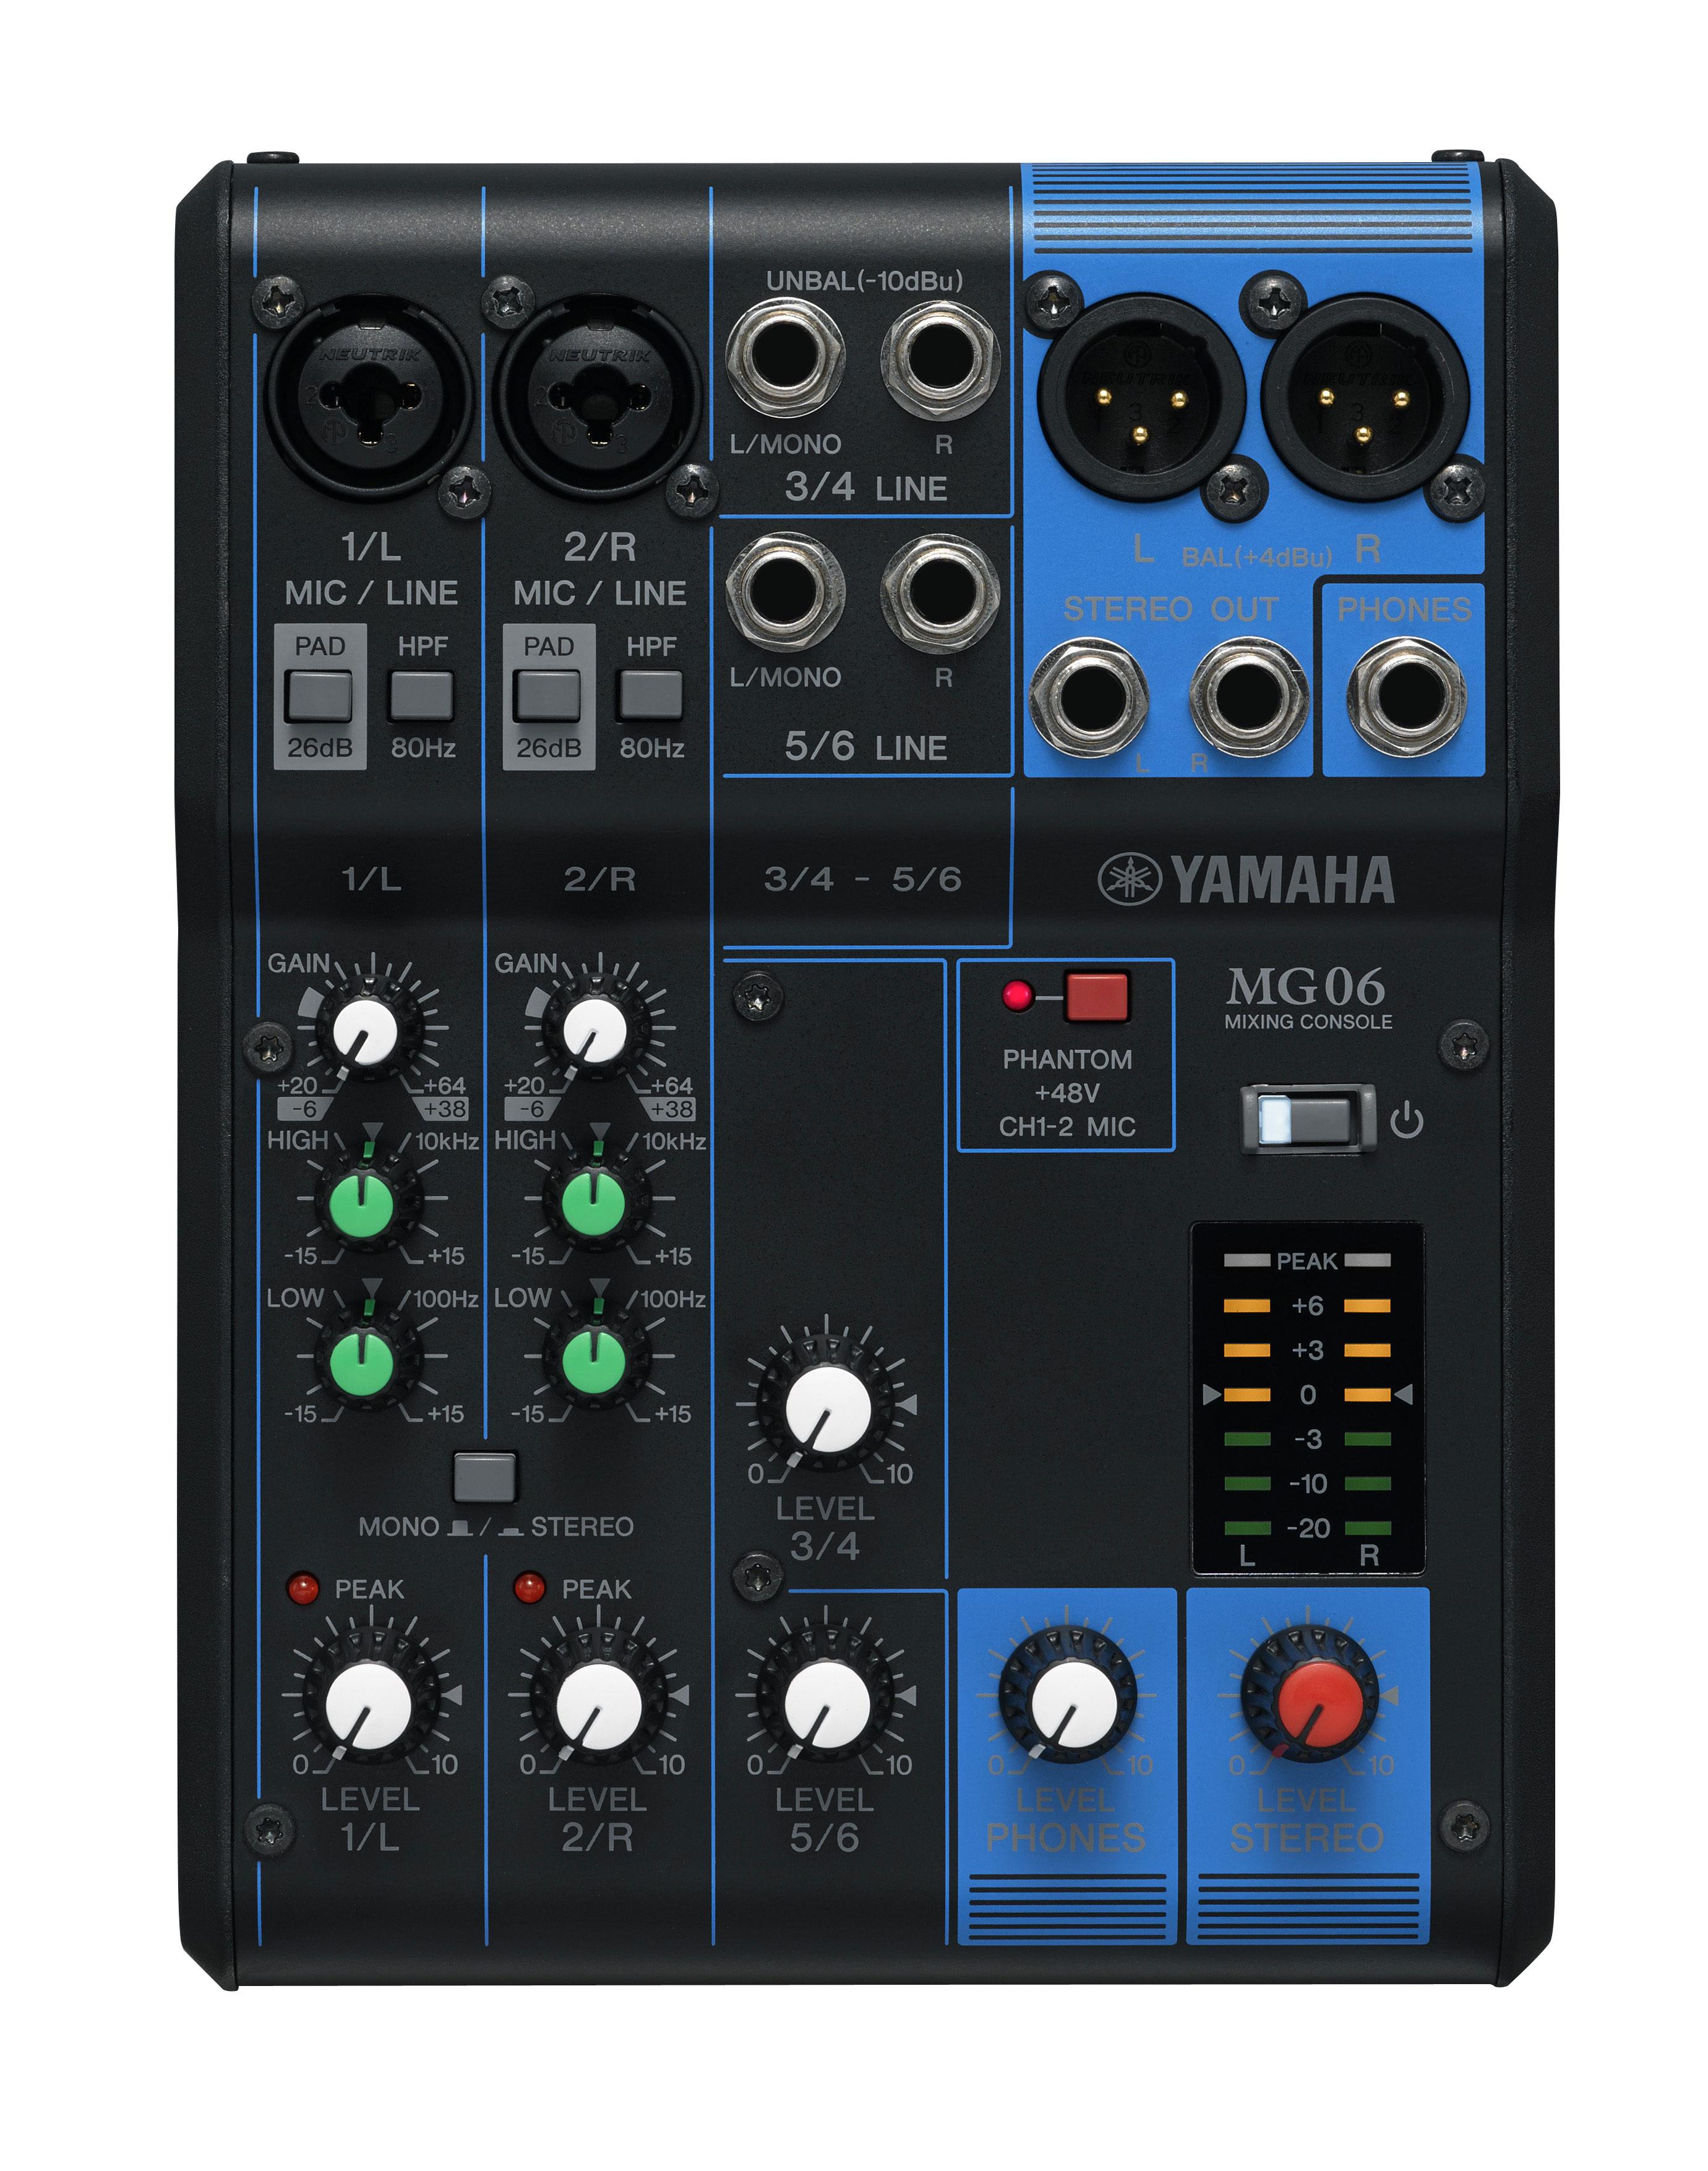 Yamaha MG06 Image